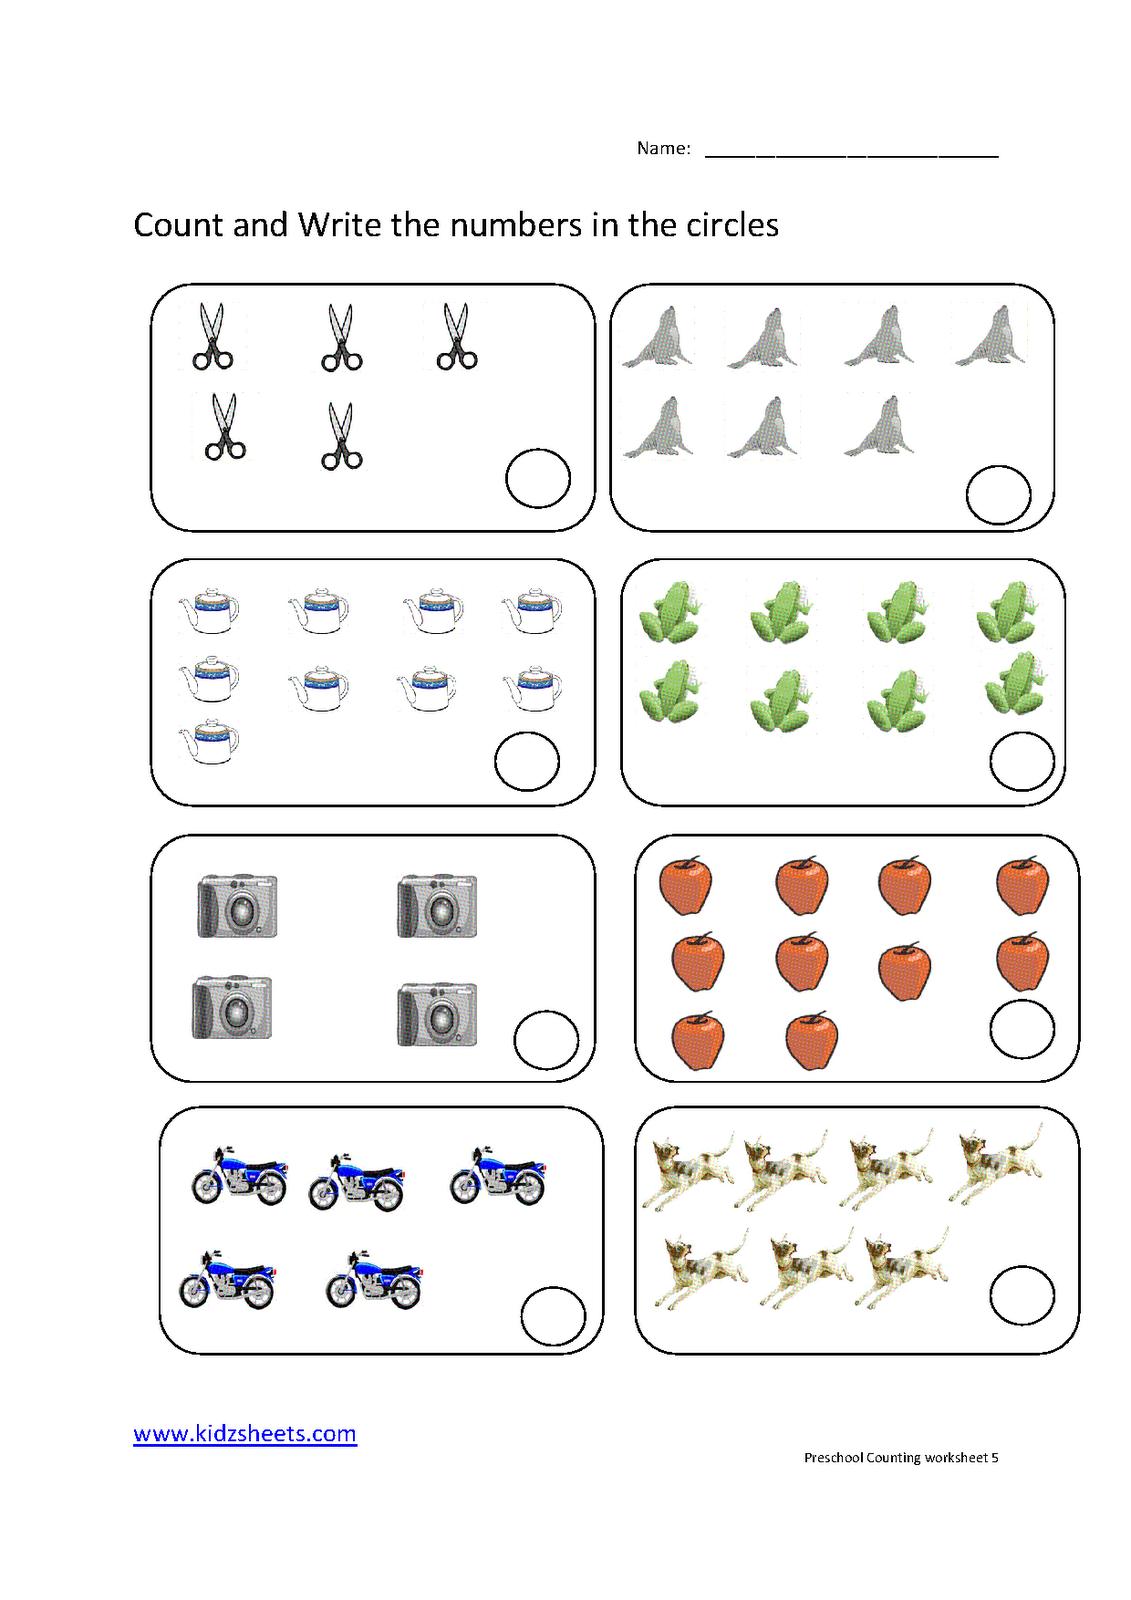 Kidz Worksheets: Preschool Counting Worksheet5